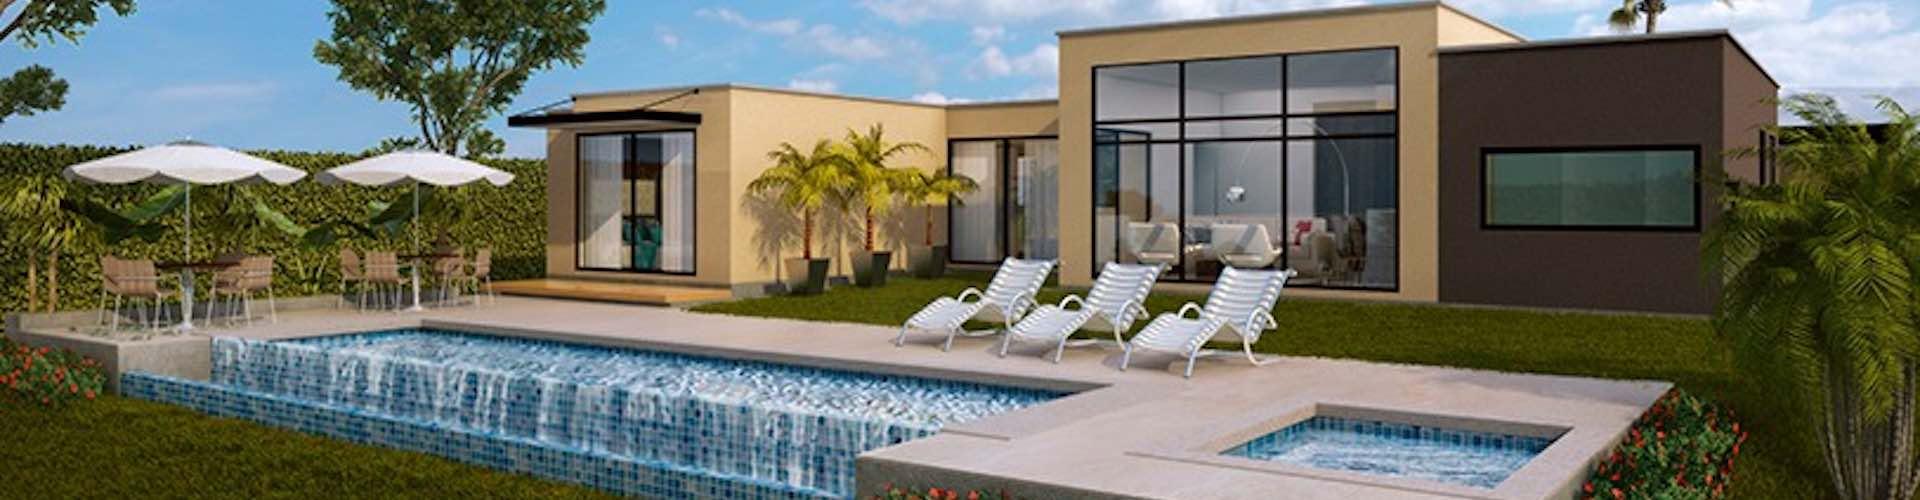 achat vente immobilier participation en promotion immobiliere en colombie annonce programme neuf